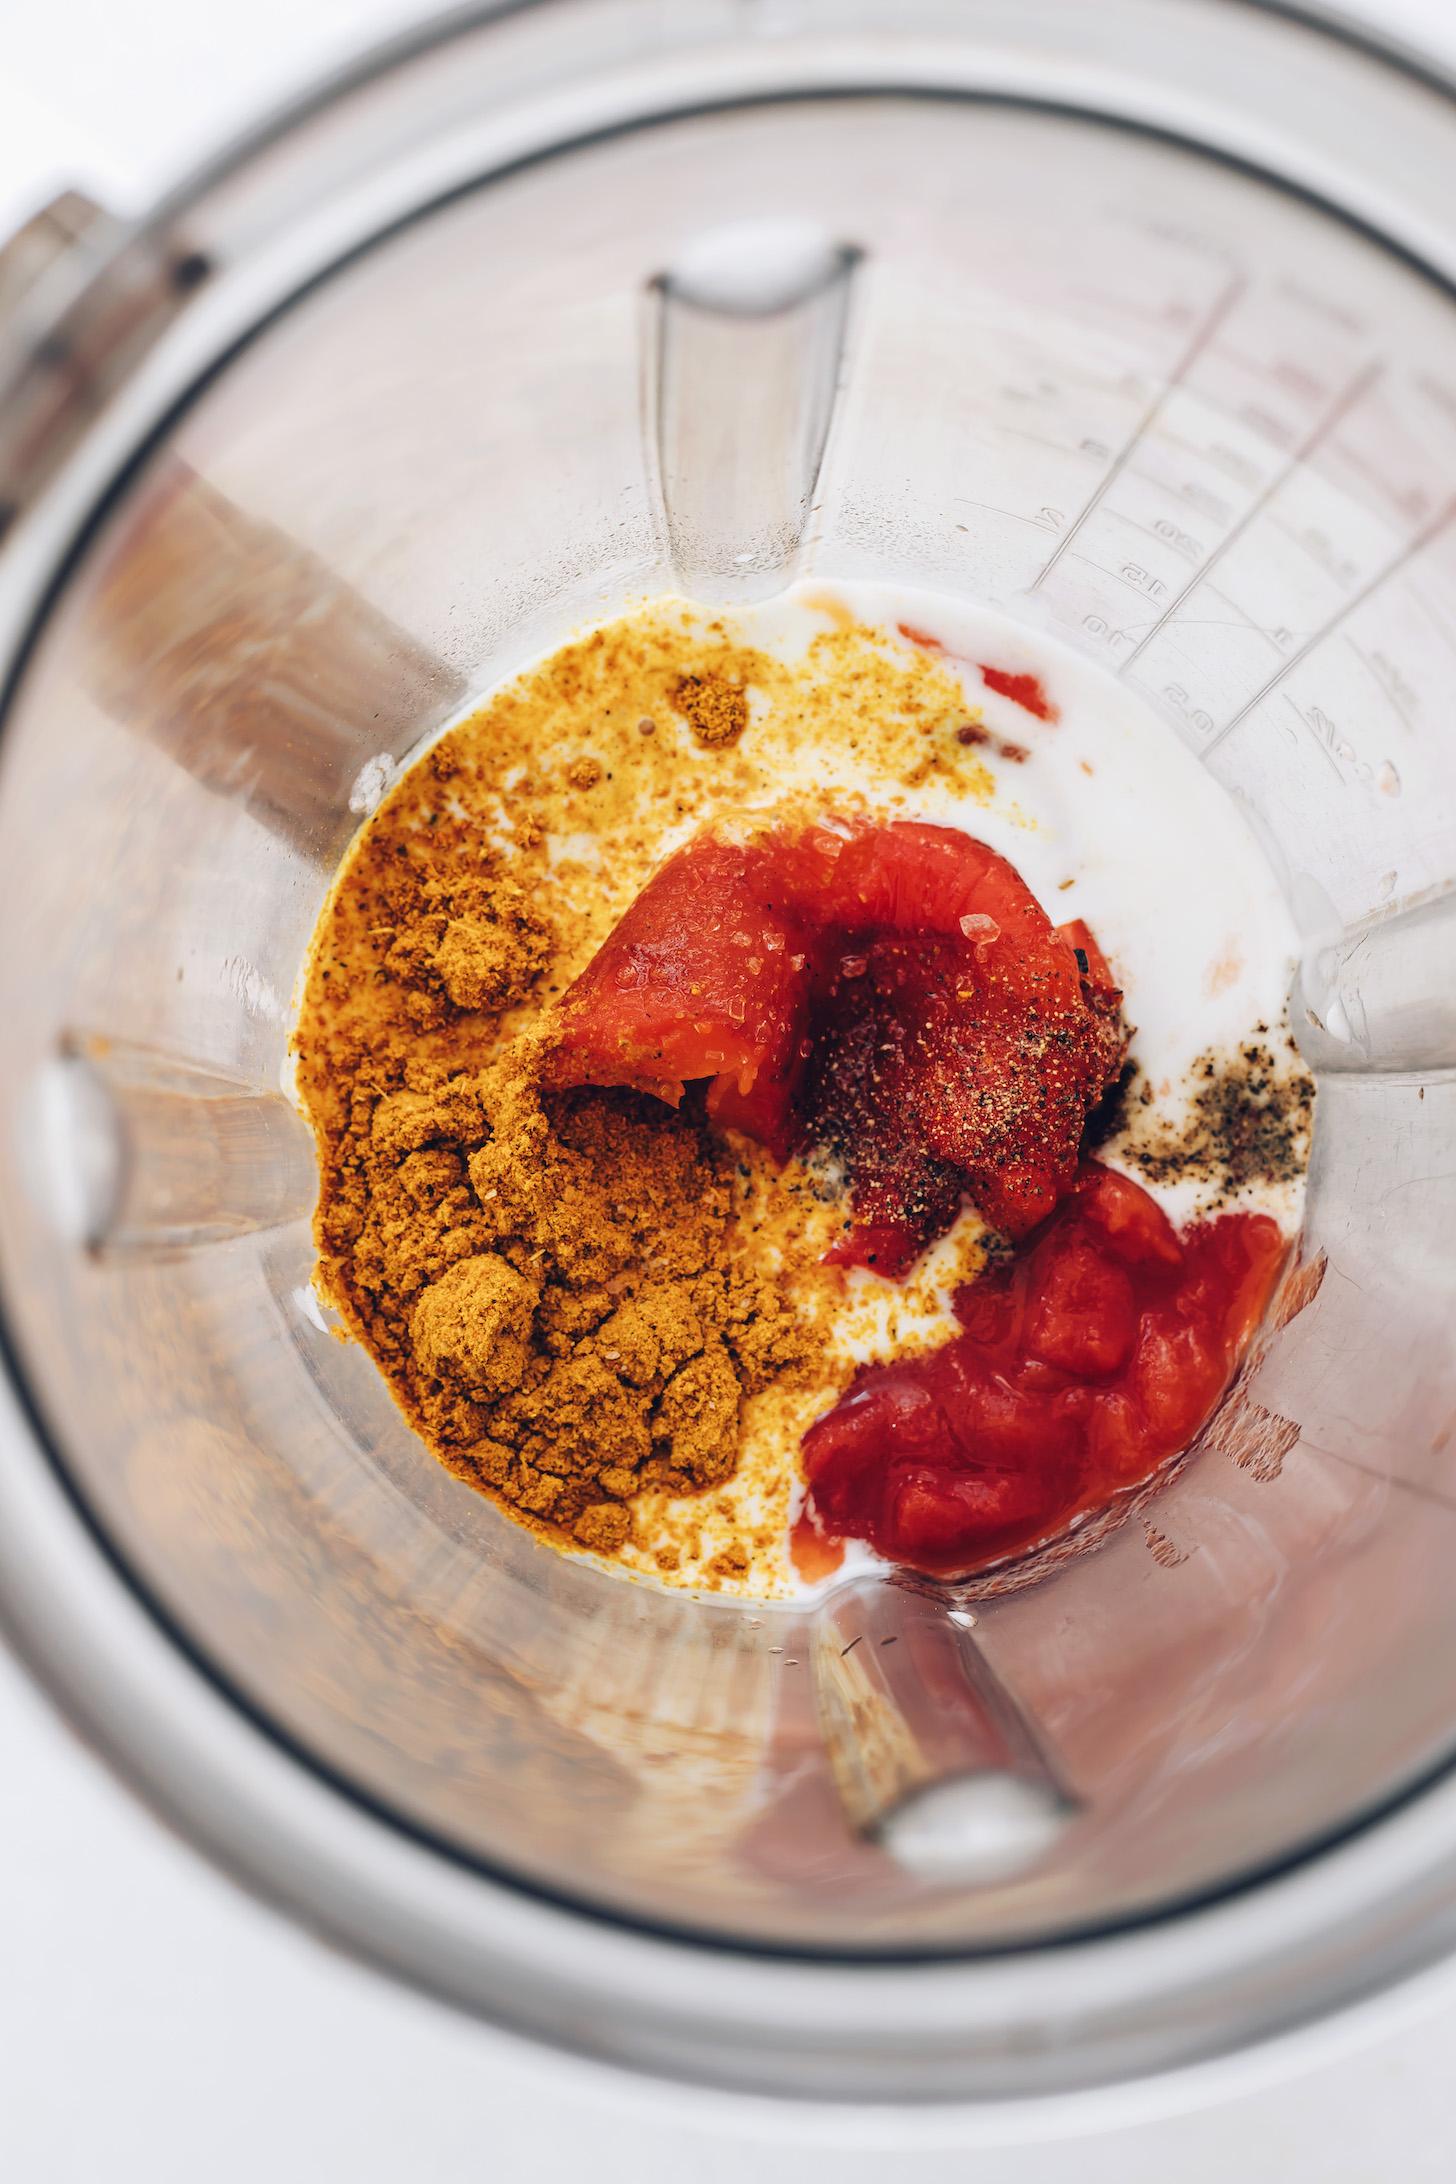 Hindistan cevizi sütü, közlenmiş kırmızı biber, domates, köri tozu, tuz ve karabiber ile blender